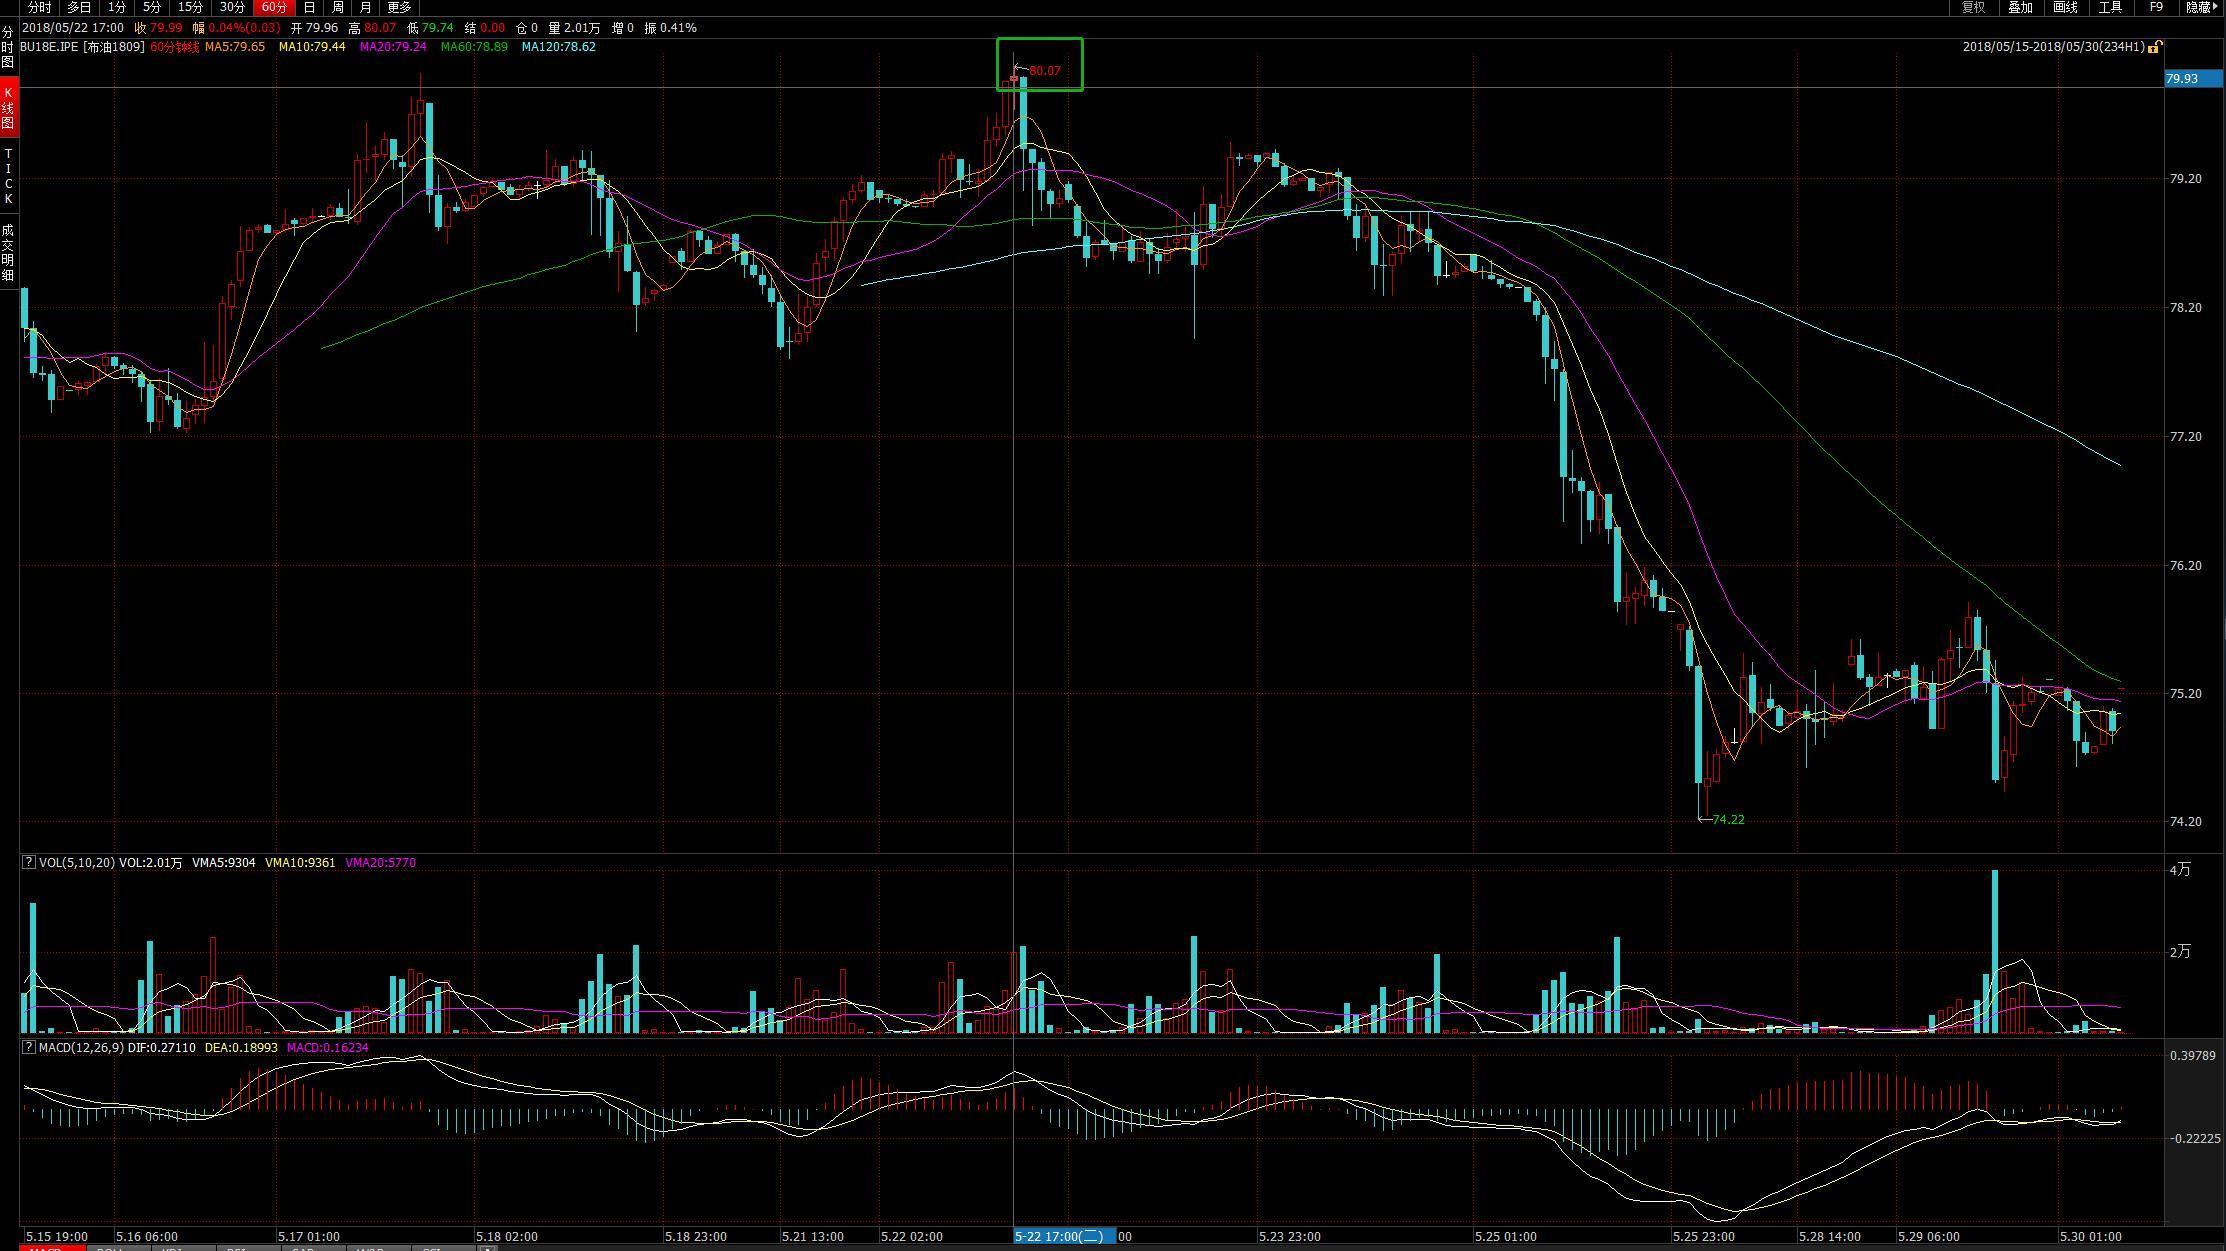 国际油价高位跌落 专家:短期属市场情绪宣泄